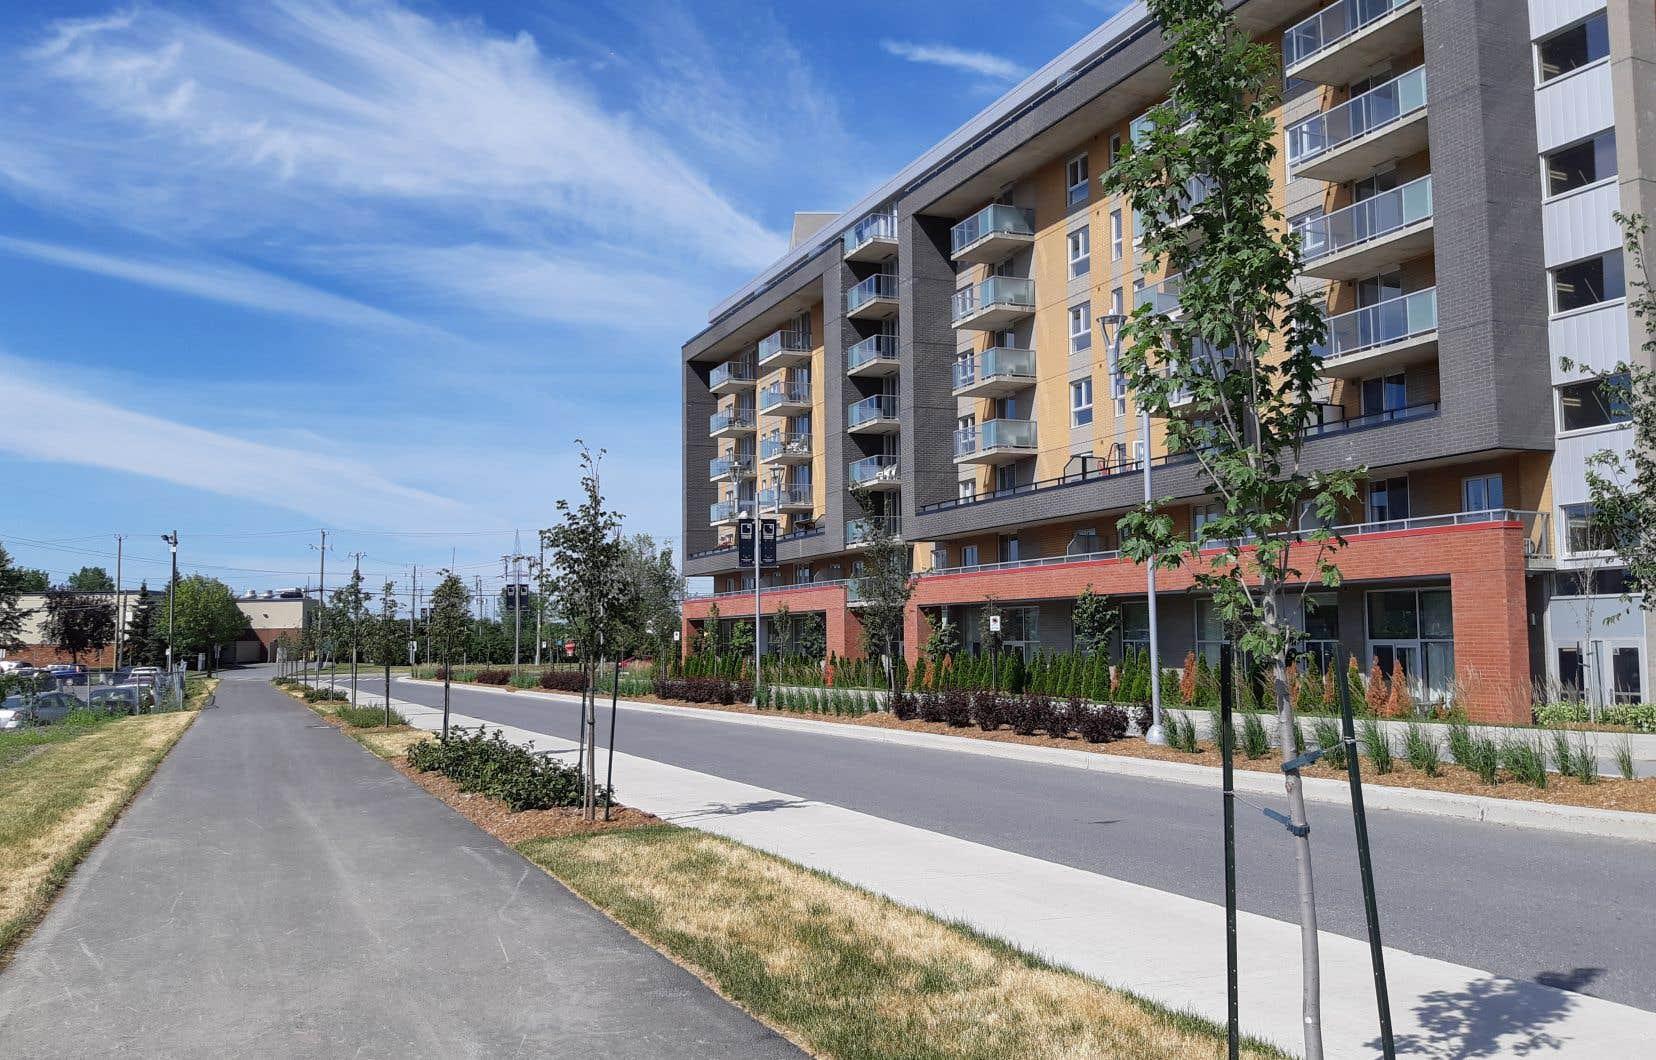 À Candiac, un écoquartier POD («Pedestrian Oriented Development») est sorti de terre cette année.